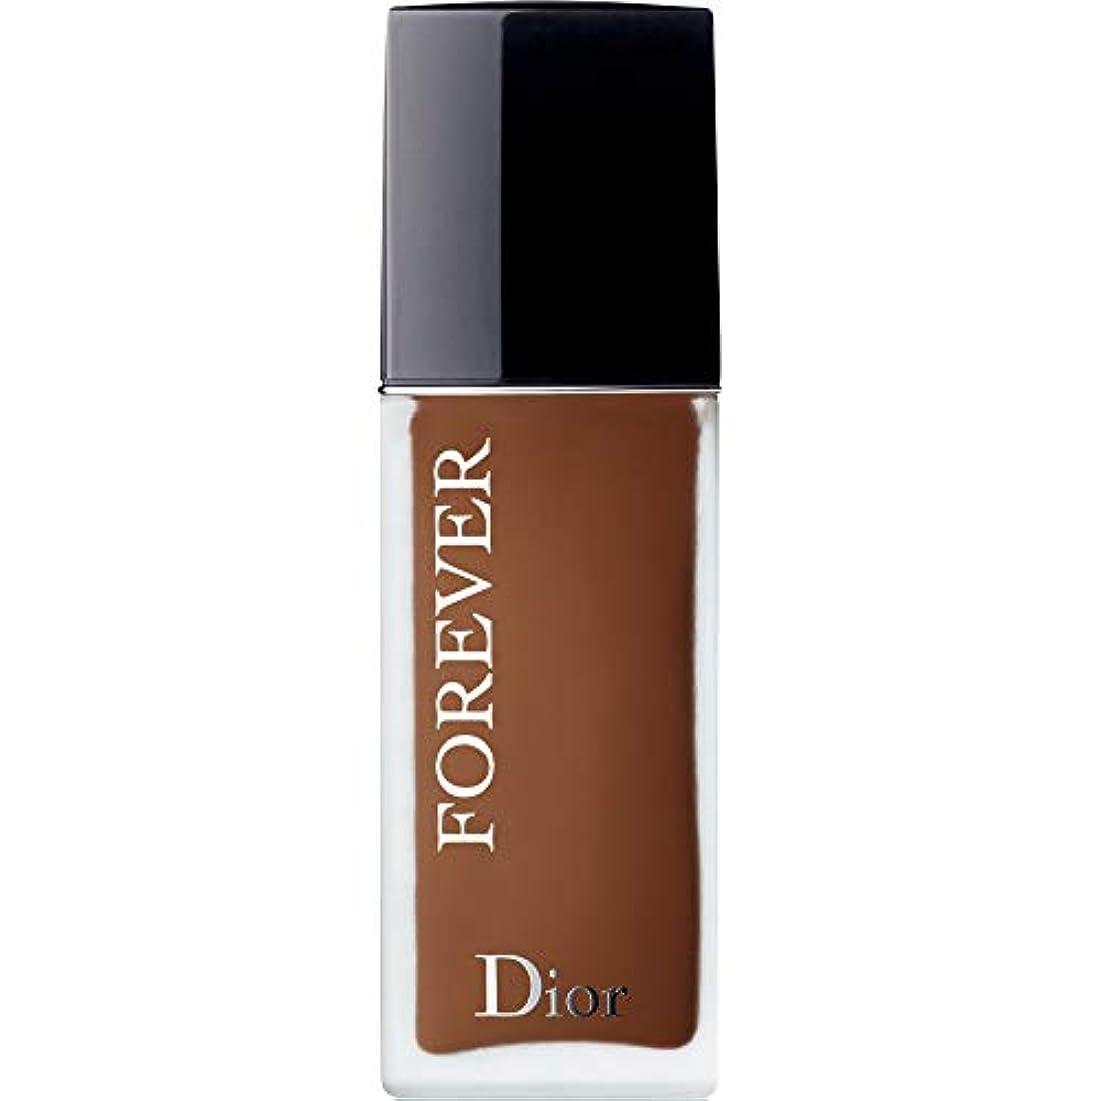 徐々に真夜中ビクター[Dior ] ディオール永遠皮膚思いやりの基盤Spf35 30ミリリットルの8N - ニュートラル(つや消し) - DIOR Forever Skin-Caring Foundation SPF35 30ml 8N -...